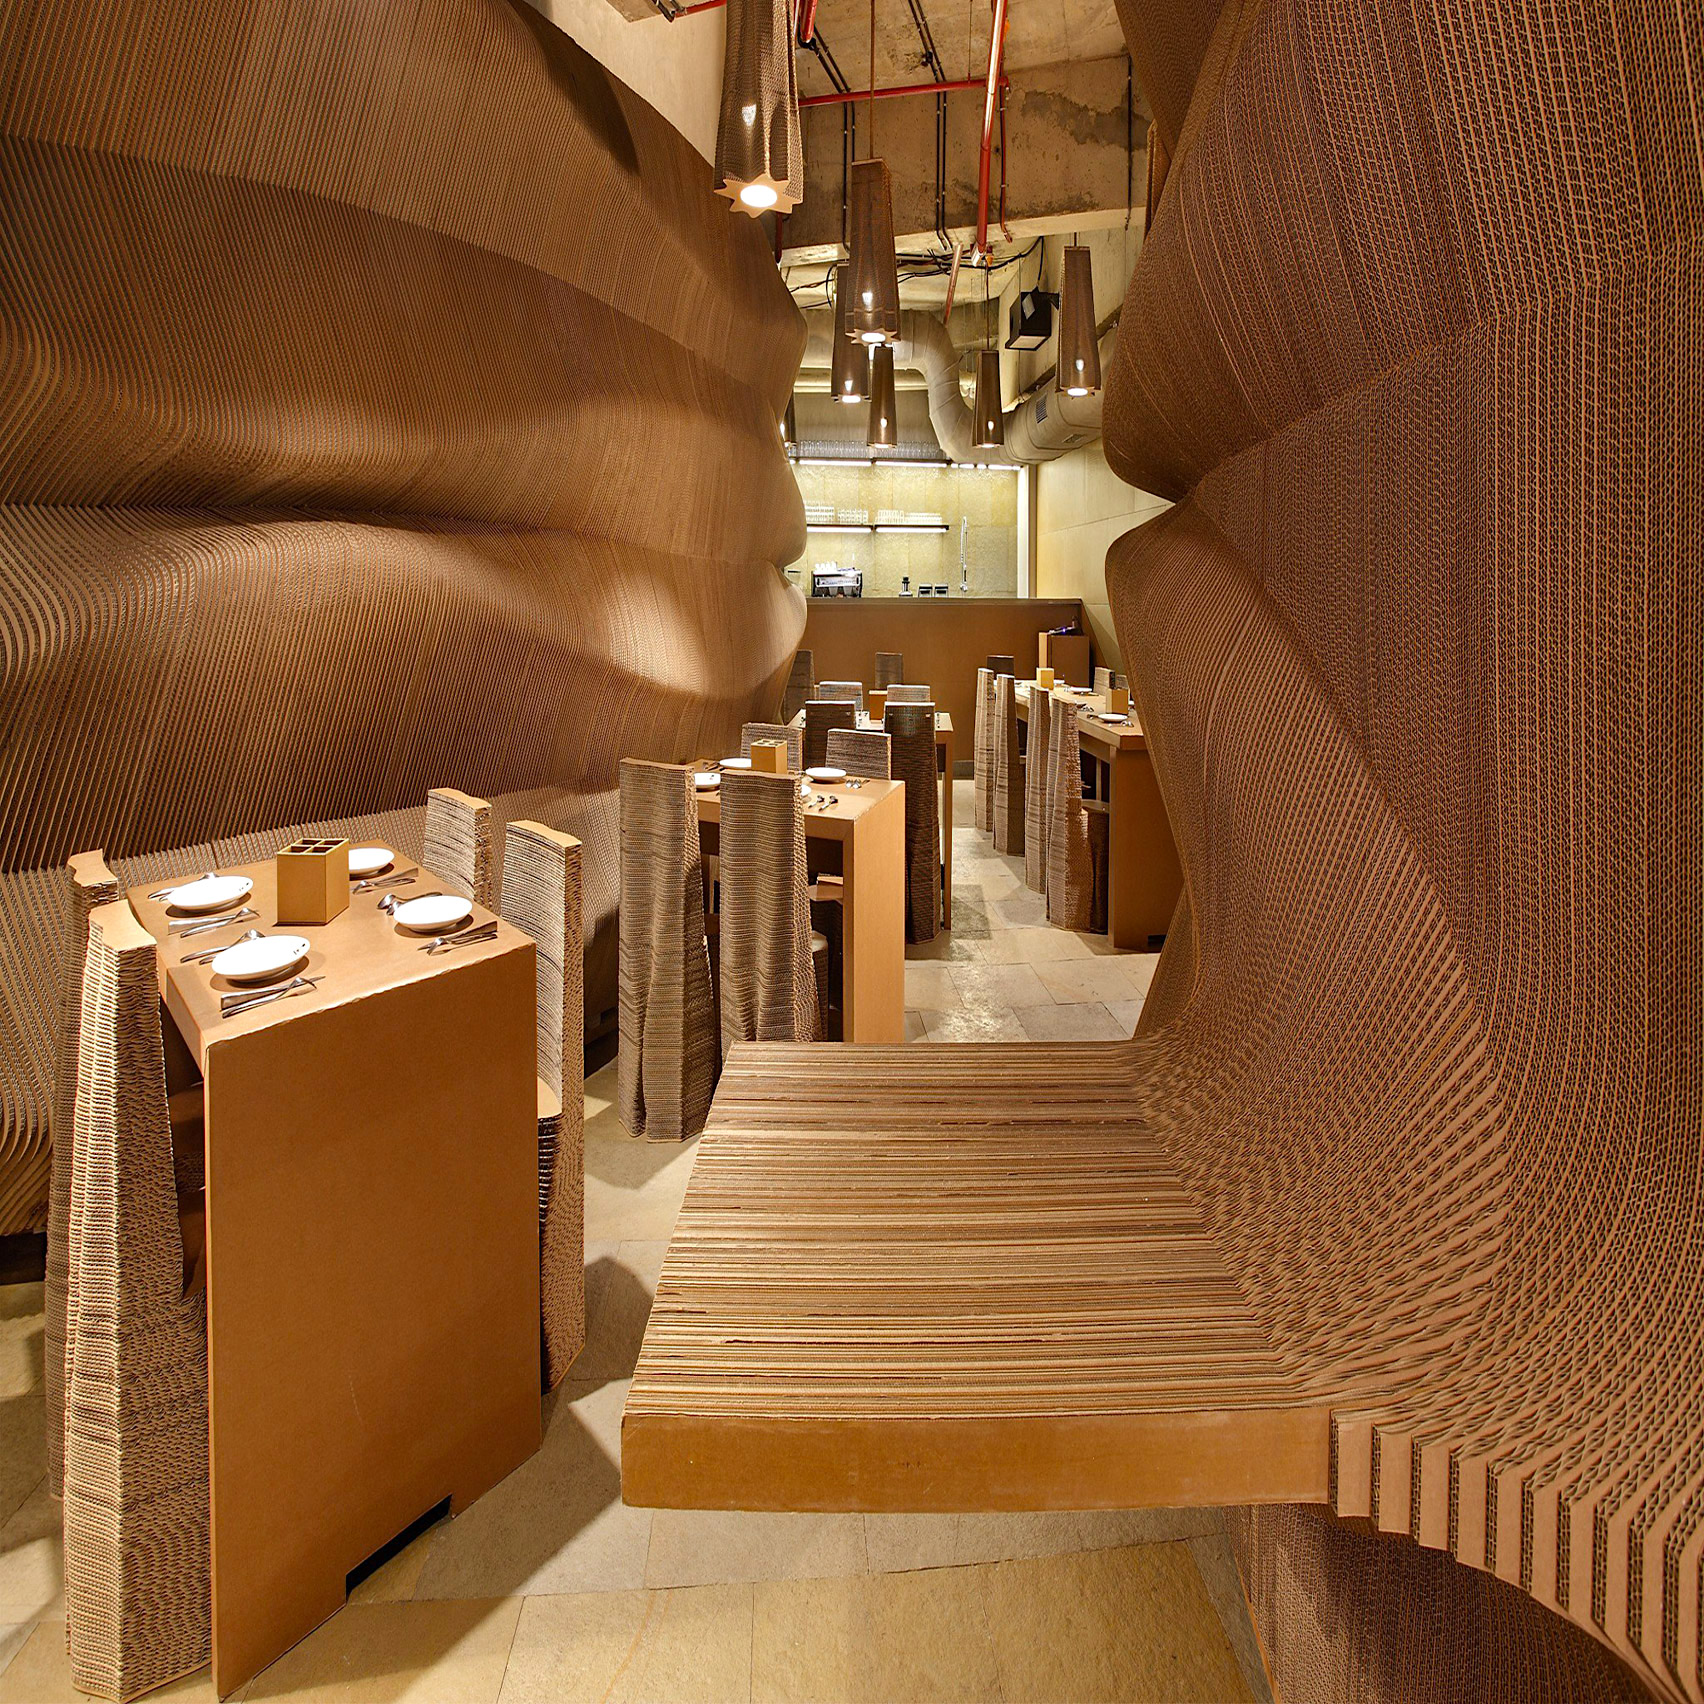 リサイクルできる素材ダンボールを選択し空間をデザインしたカフェの店舗設計